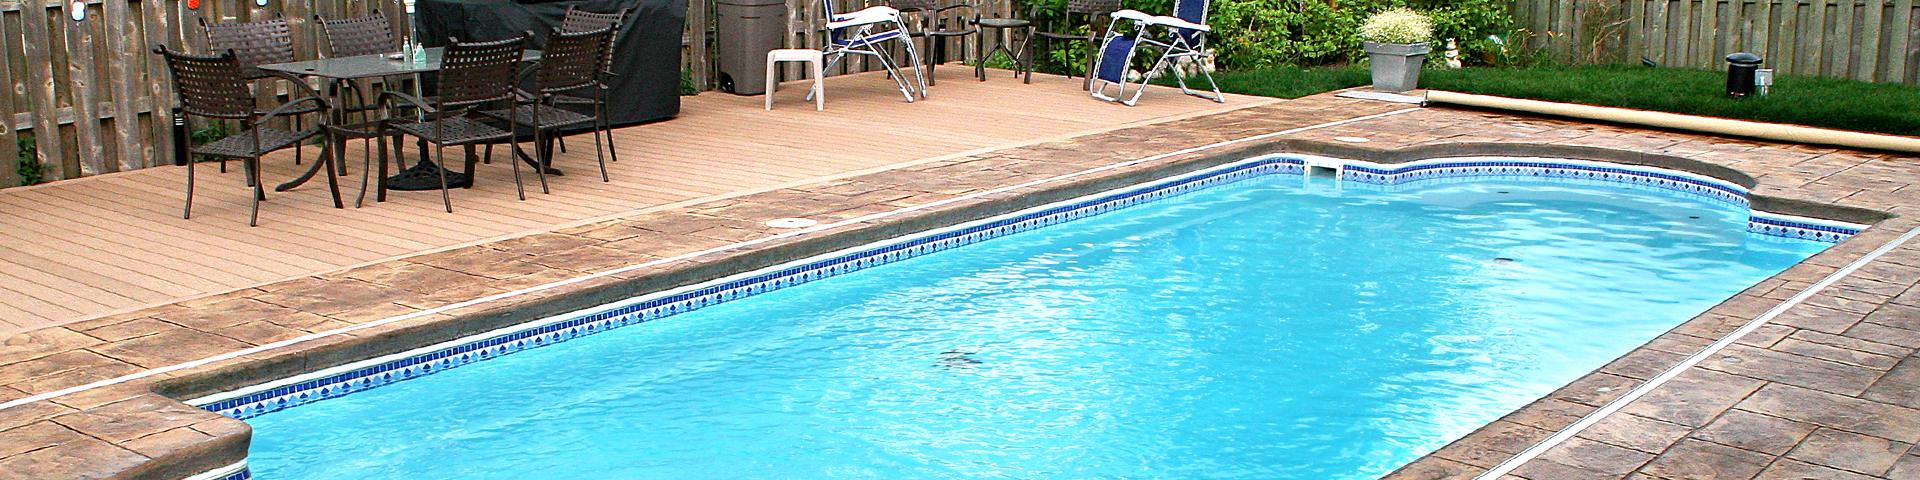 Classic Fiberglass Pools